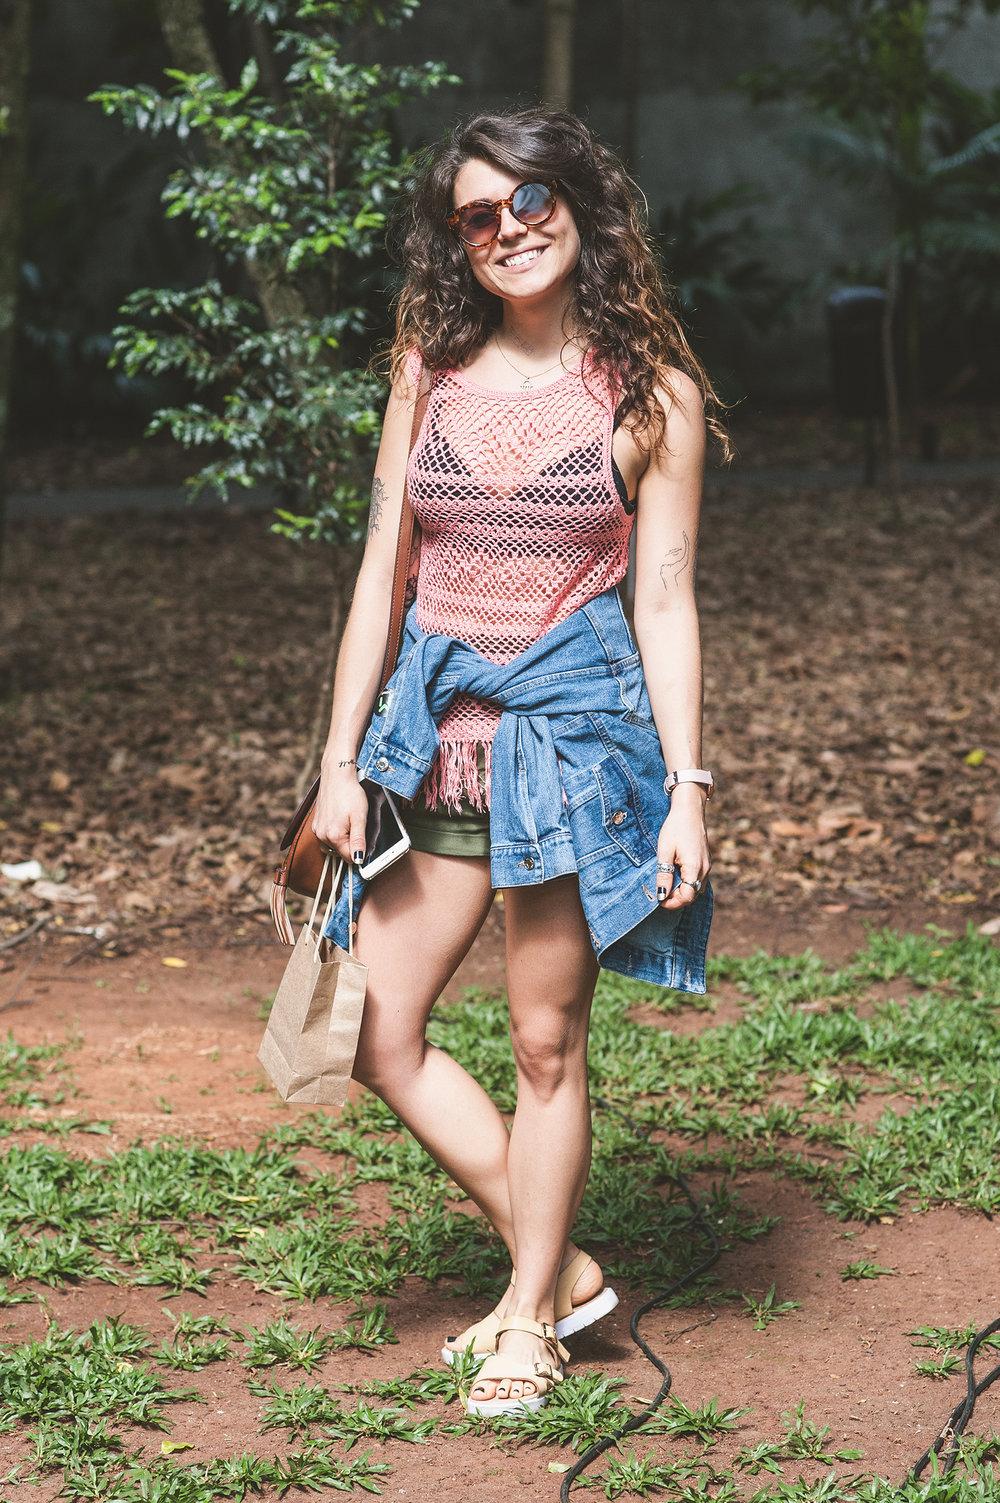 A maravilhosa Julia Guedes, autora do blog   Herbivoraz  ,se derreteu pelos produtos de beleza e bem-estar da   Be.or .